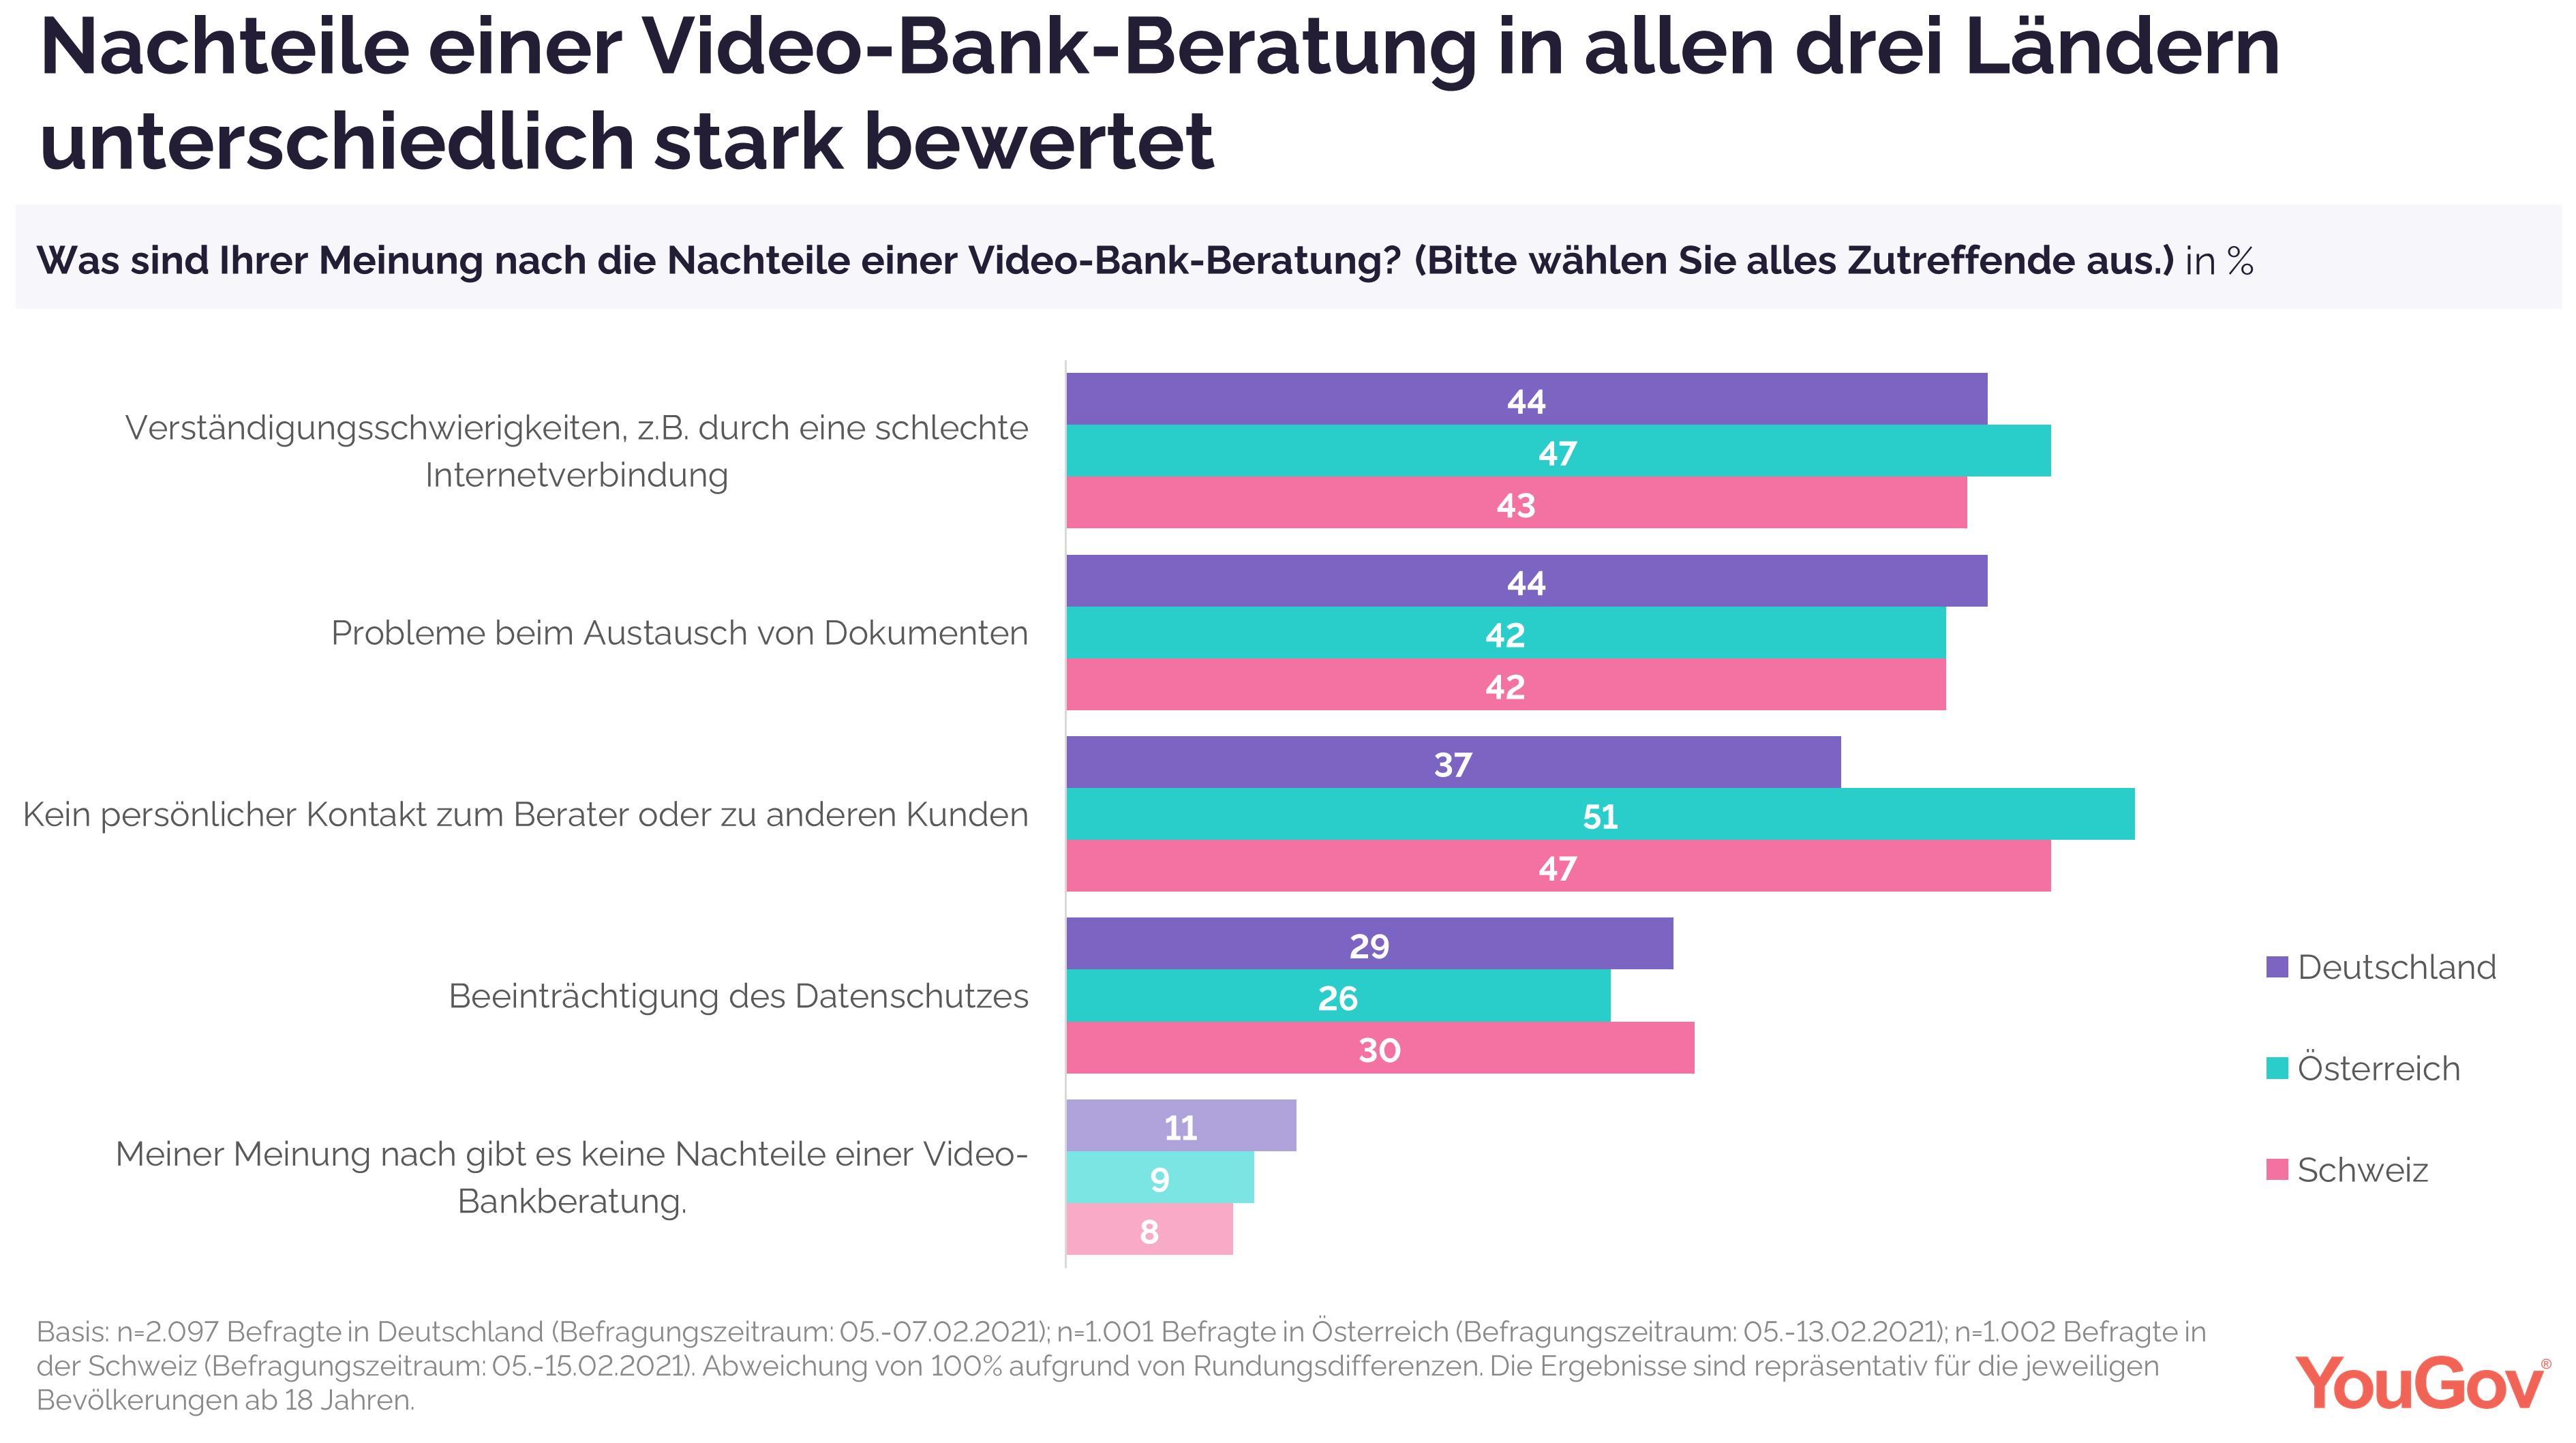 Nachteile einer Video-Bank-Beratung